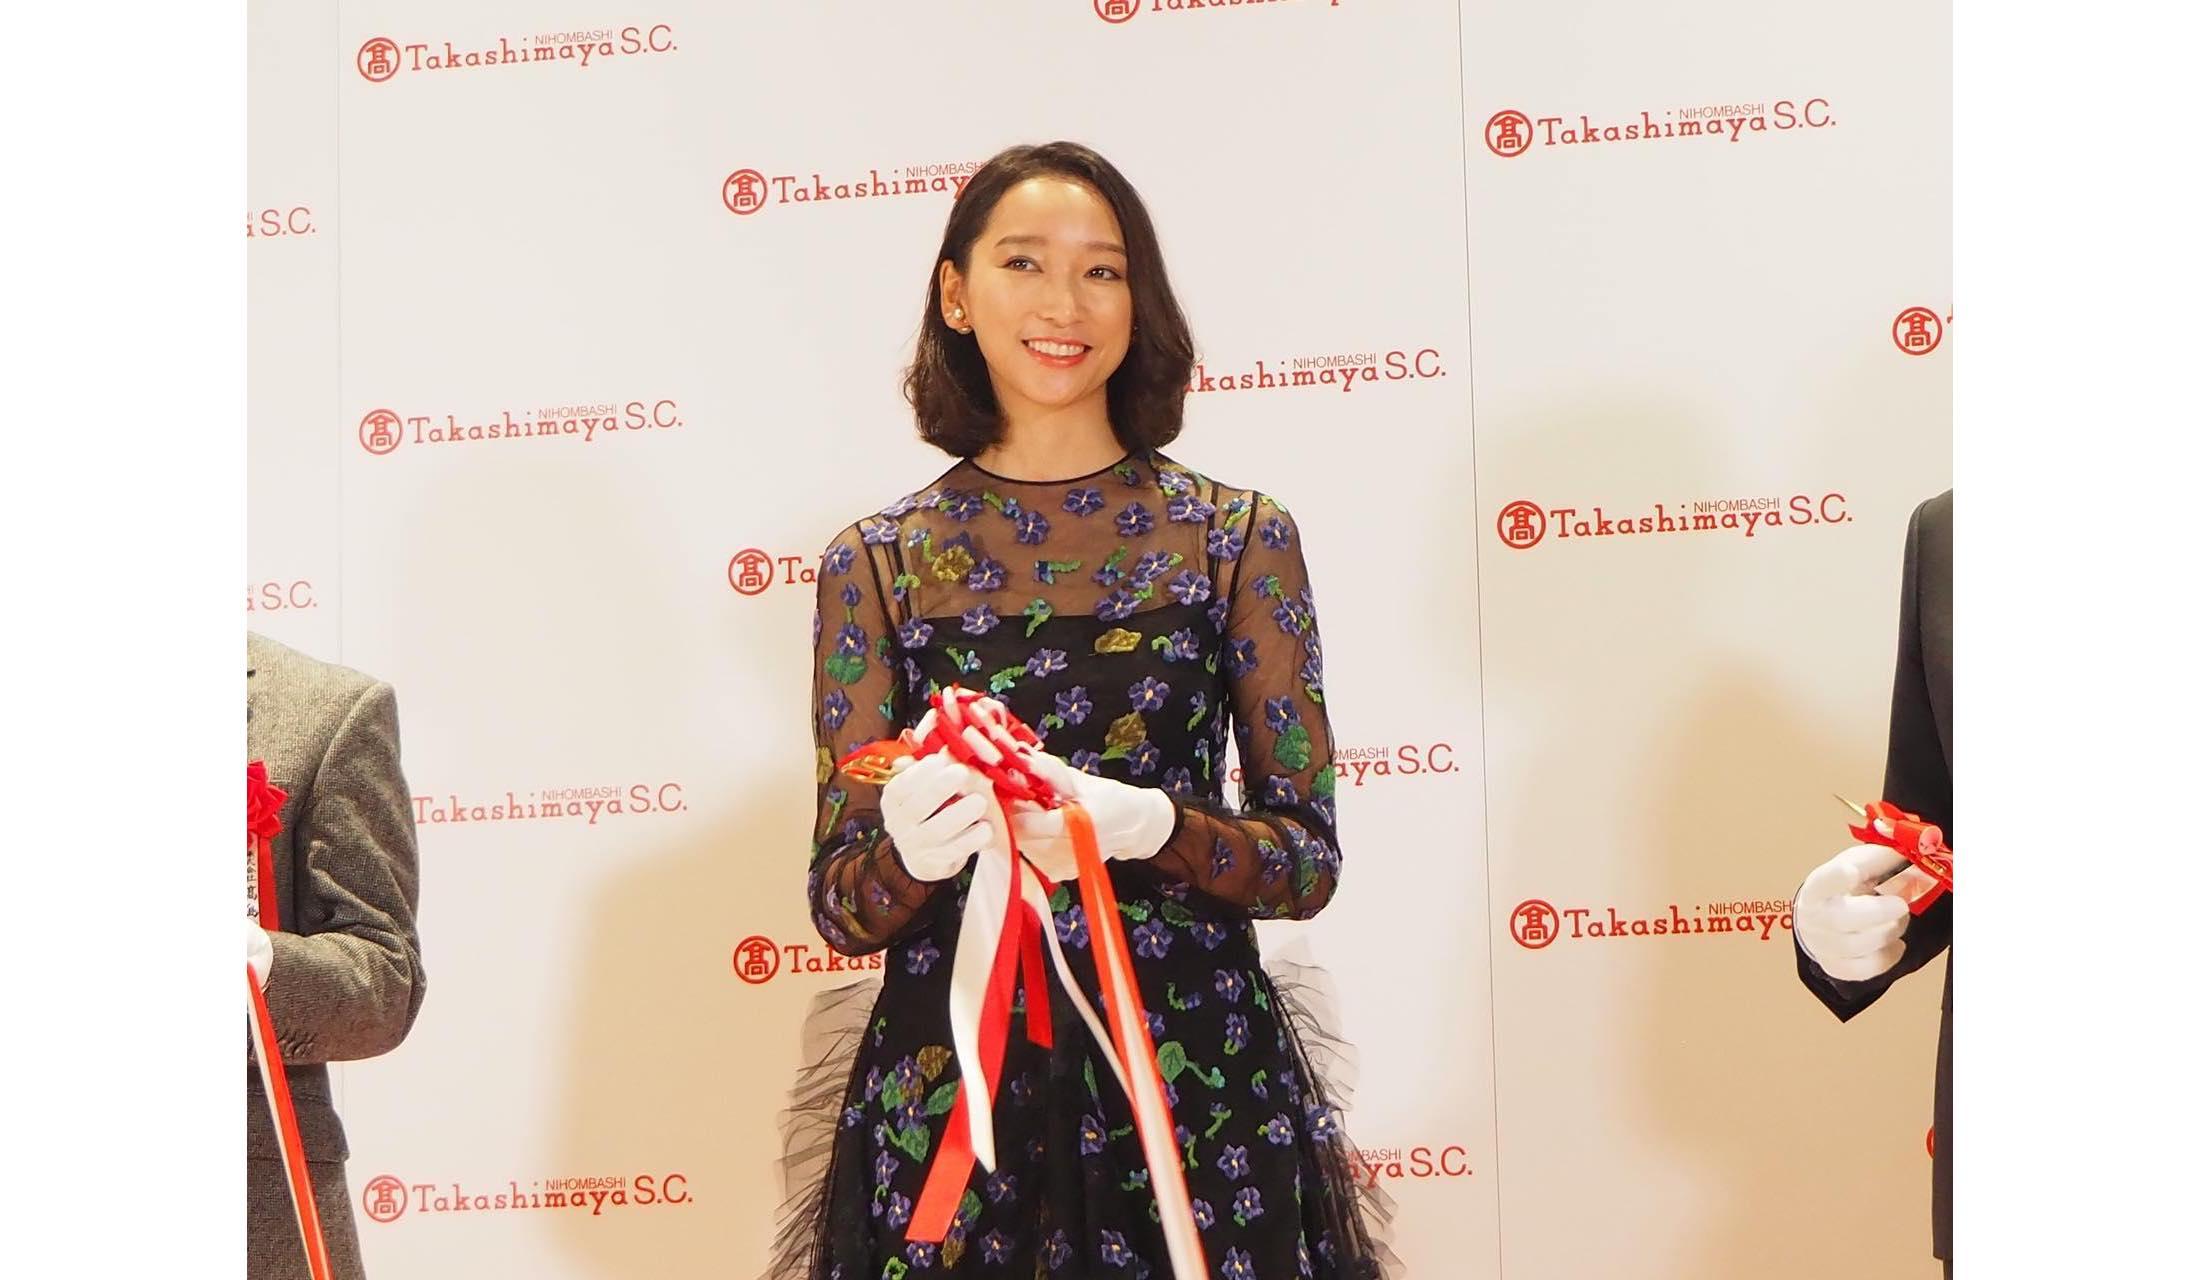 2018年9月25日、「日本橋髙島屋S.C」のオープン前に行われたテープカットに登場した杏さん。